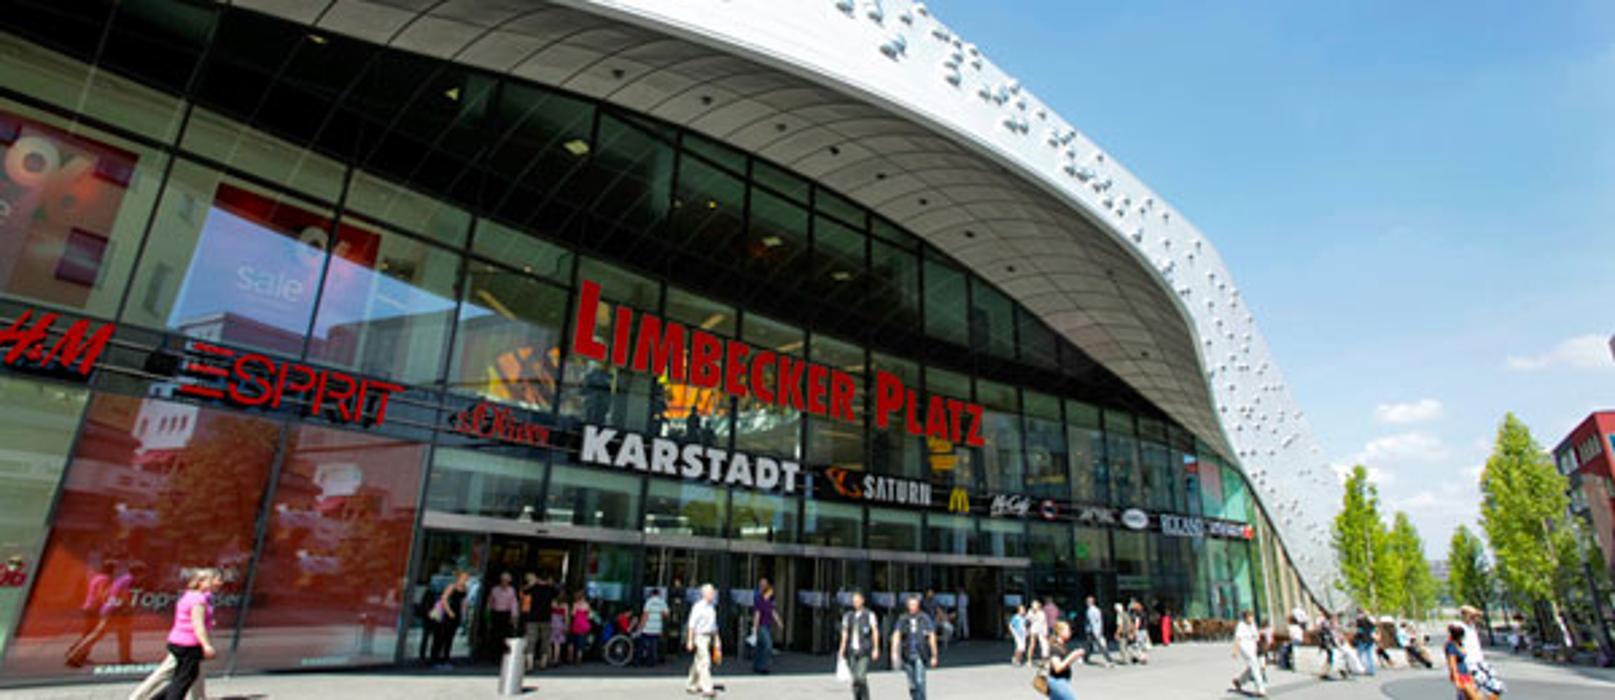 GALERIA (Karstadt) Essen Limbecker Platz, Limbecker Platz in Essen